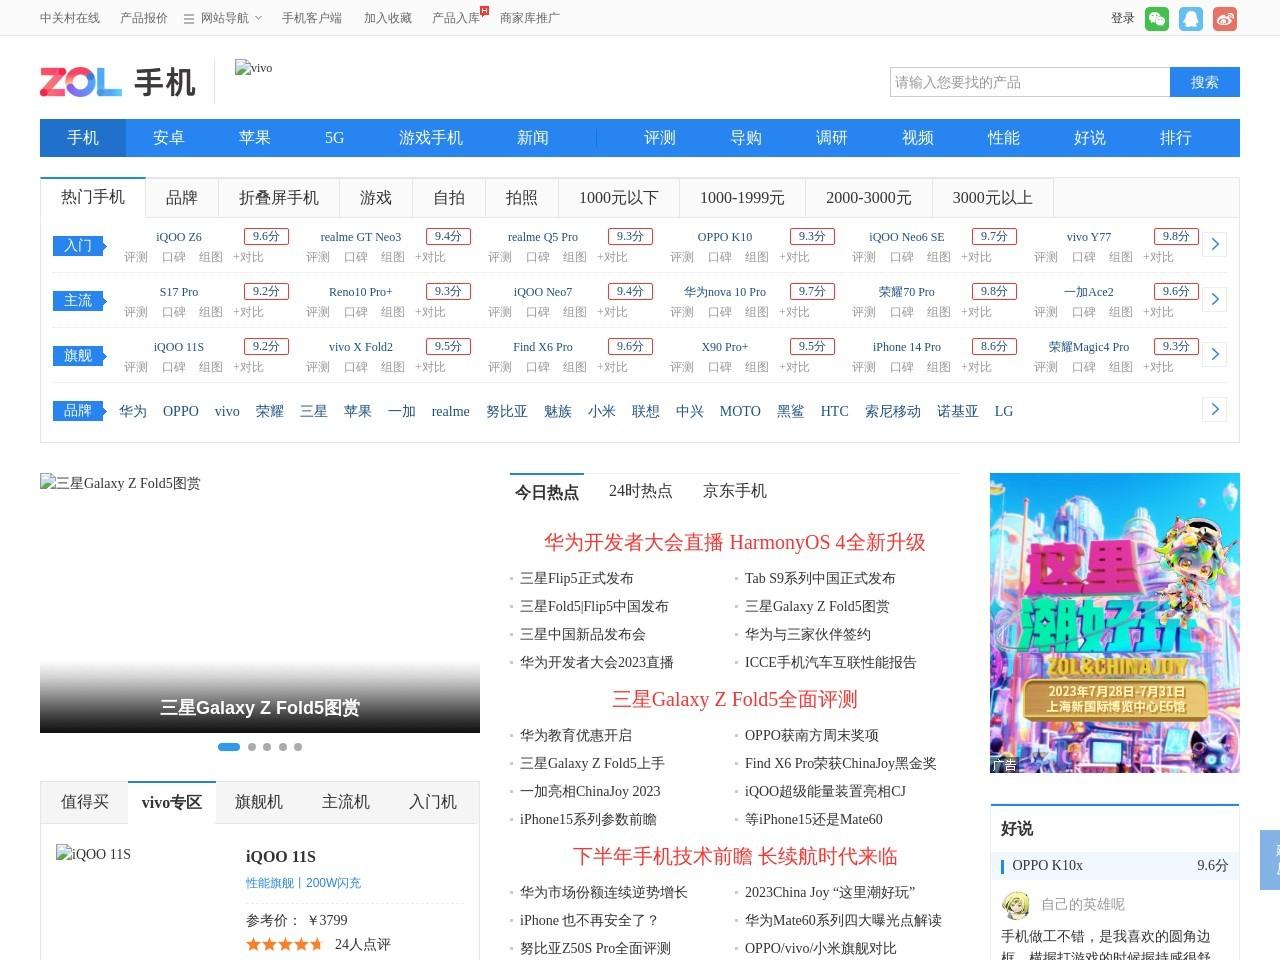 韩国4G网速变慢引发不满 证实发展5G让4G遭殃_手机新闻-中关村在线